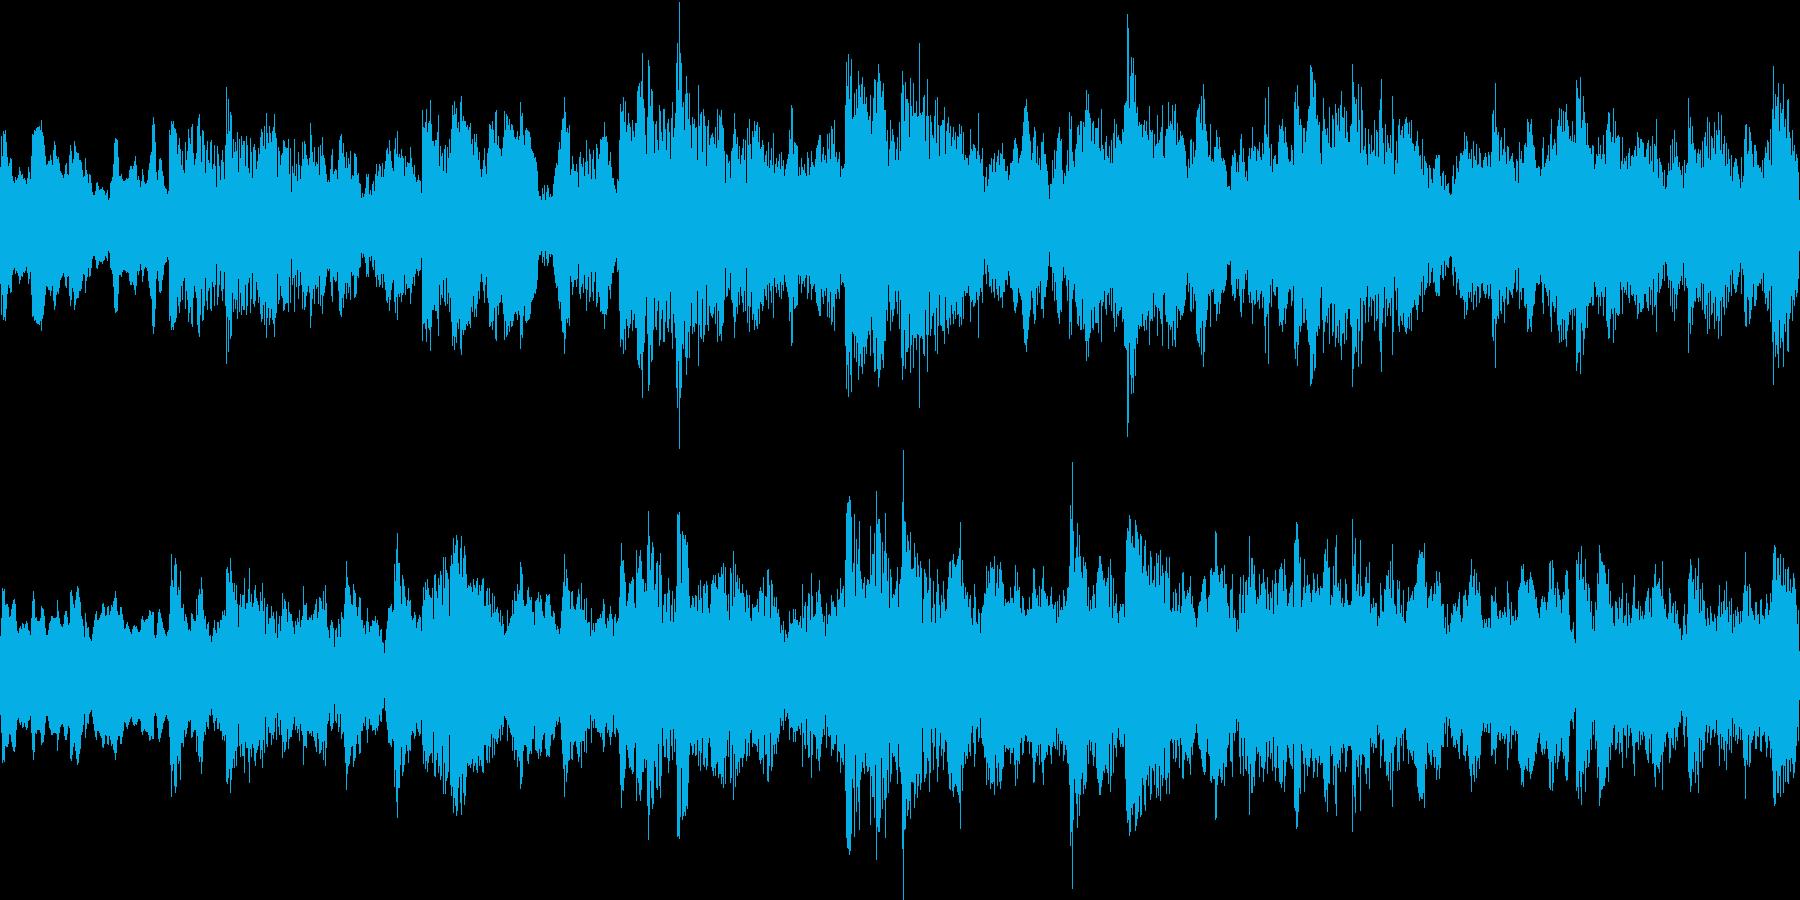 穏やかで温かいオルゴール風ジングルループの再生済みの波形